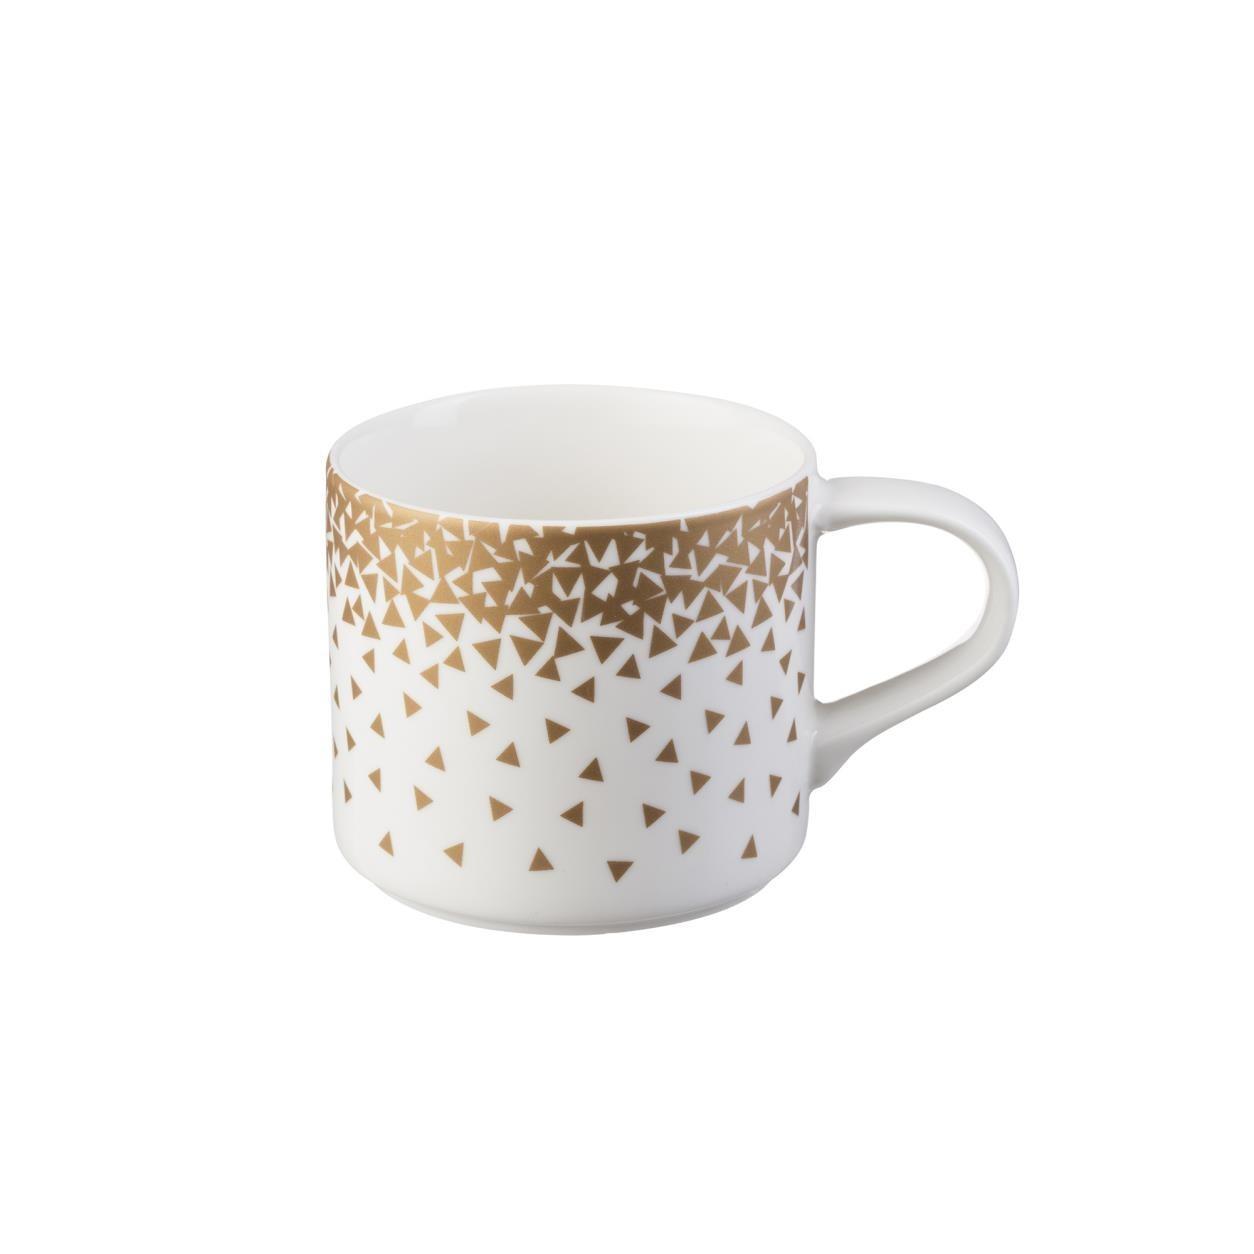 Κούπα Konfetti Copper Price & Kensington home   ειδη cafe τσαϊ   κούπες   φλυτζάνια